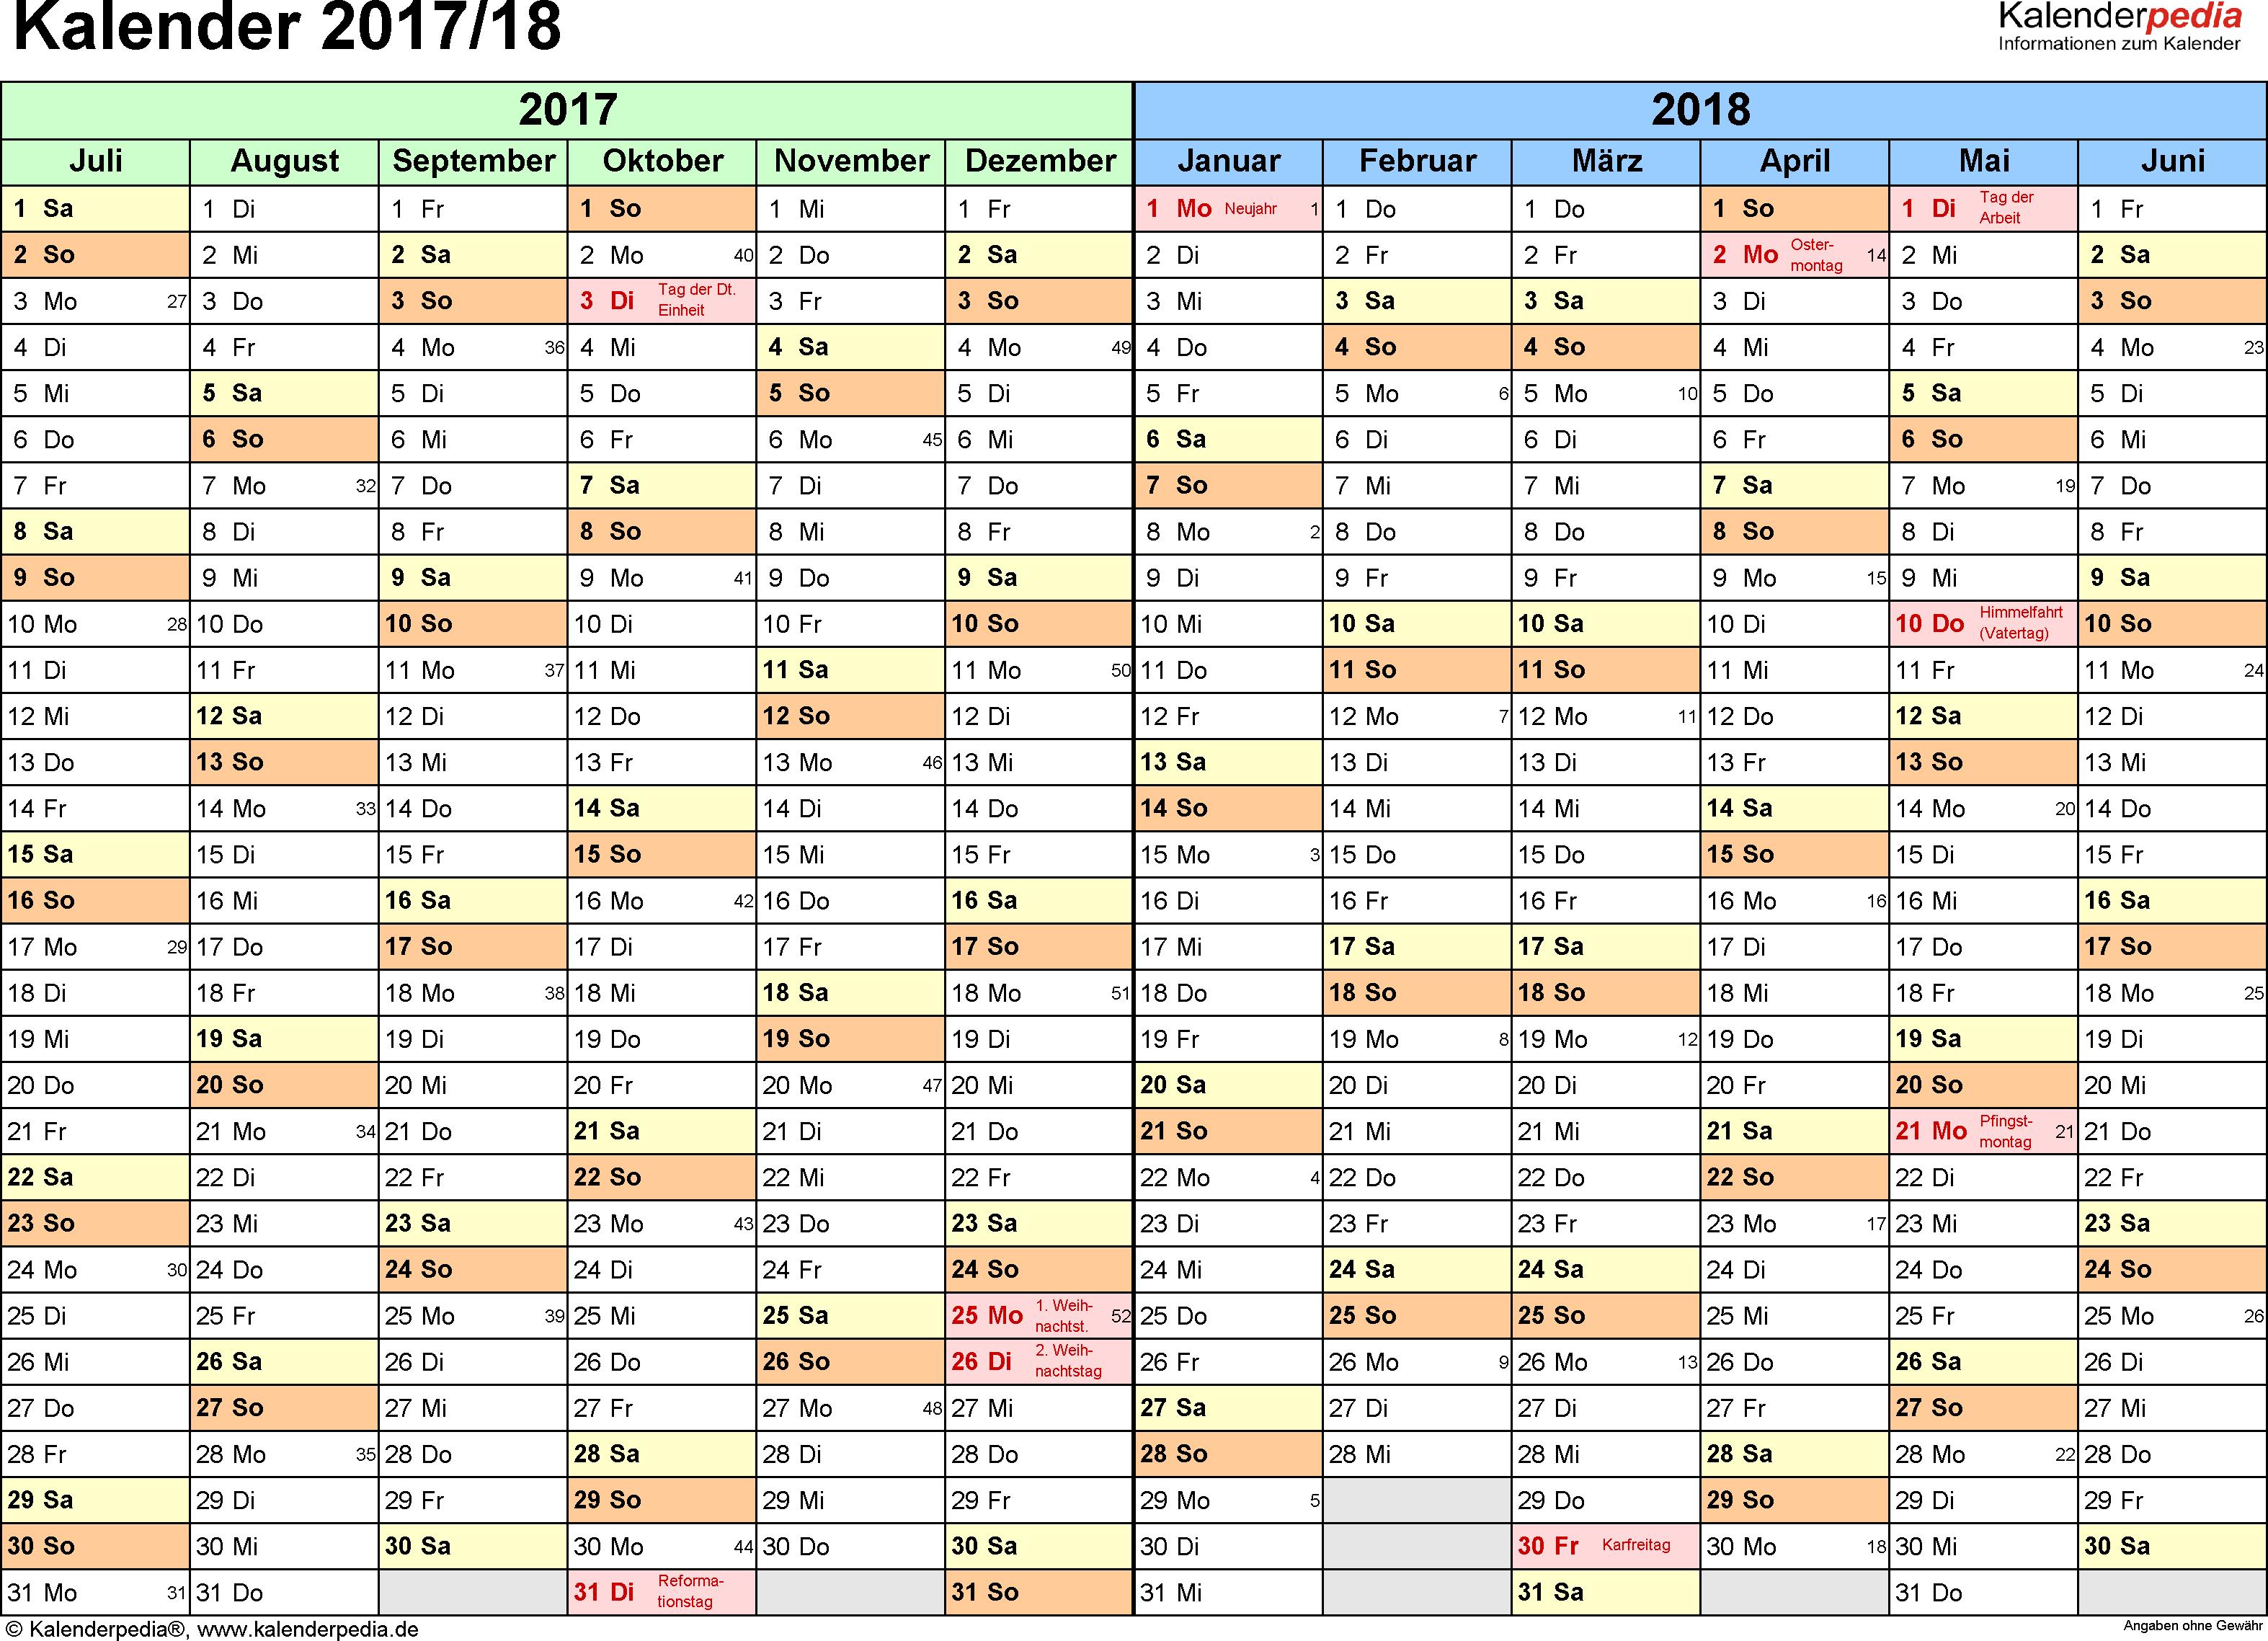 PDF-Vorlage für Halbjahr-Kalender 2017/2018 (Querformat, 1 Seite, Monate waagerecht)